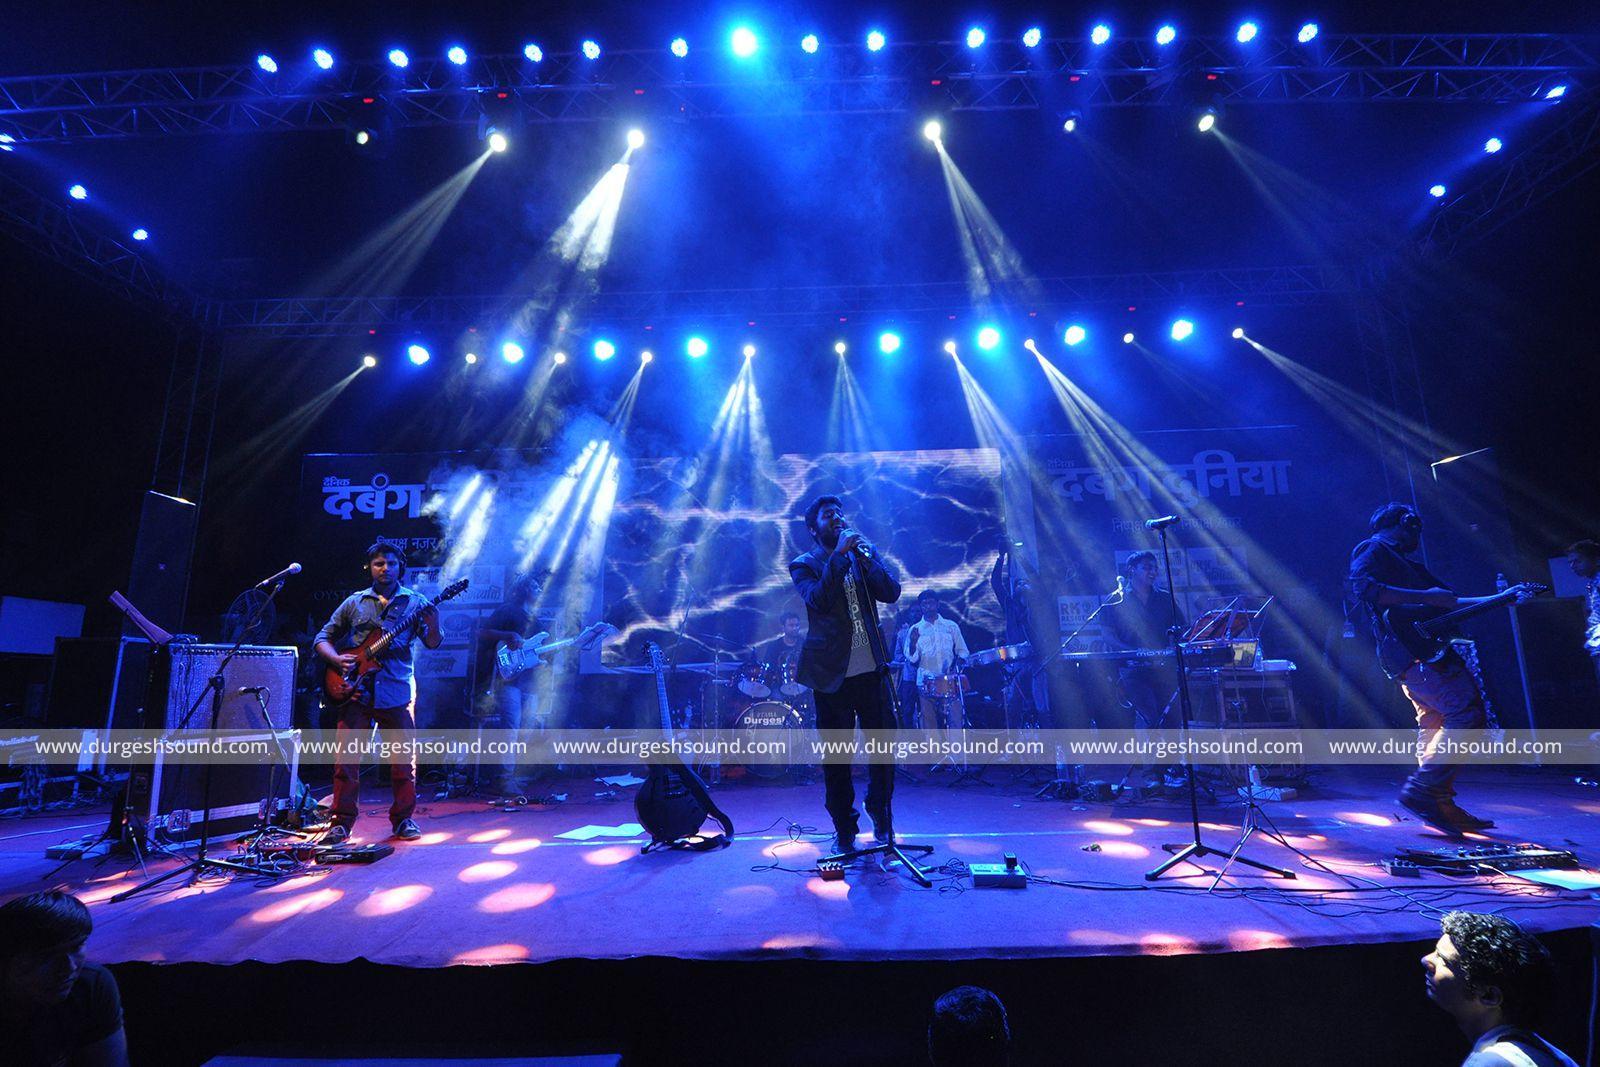 Arjit Singh Live Concert In Indore Durgesh Sound